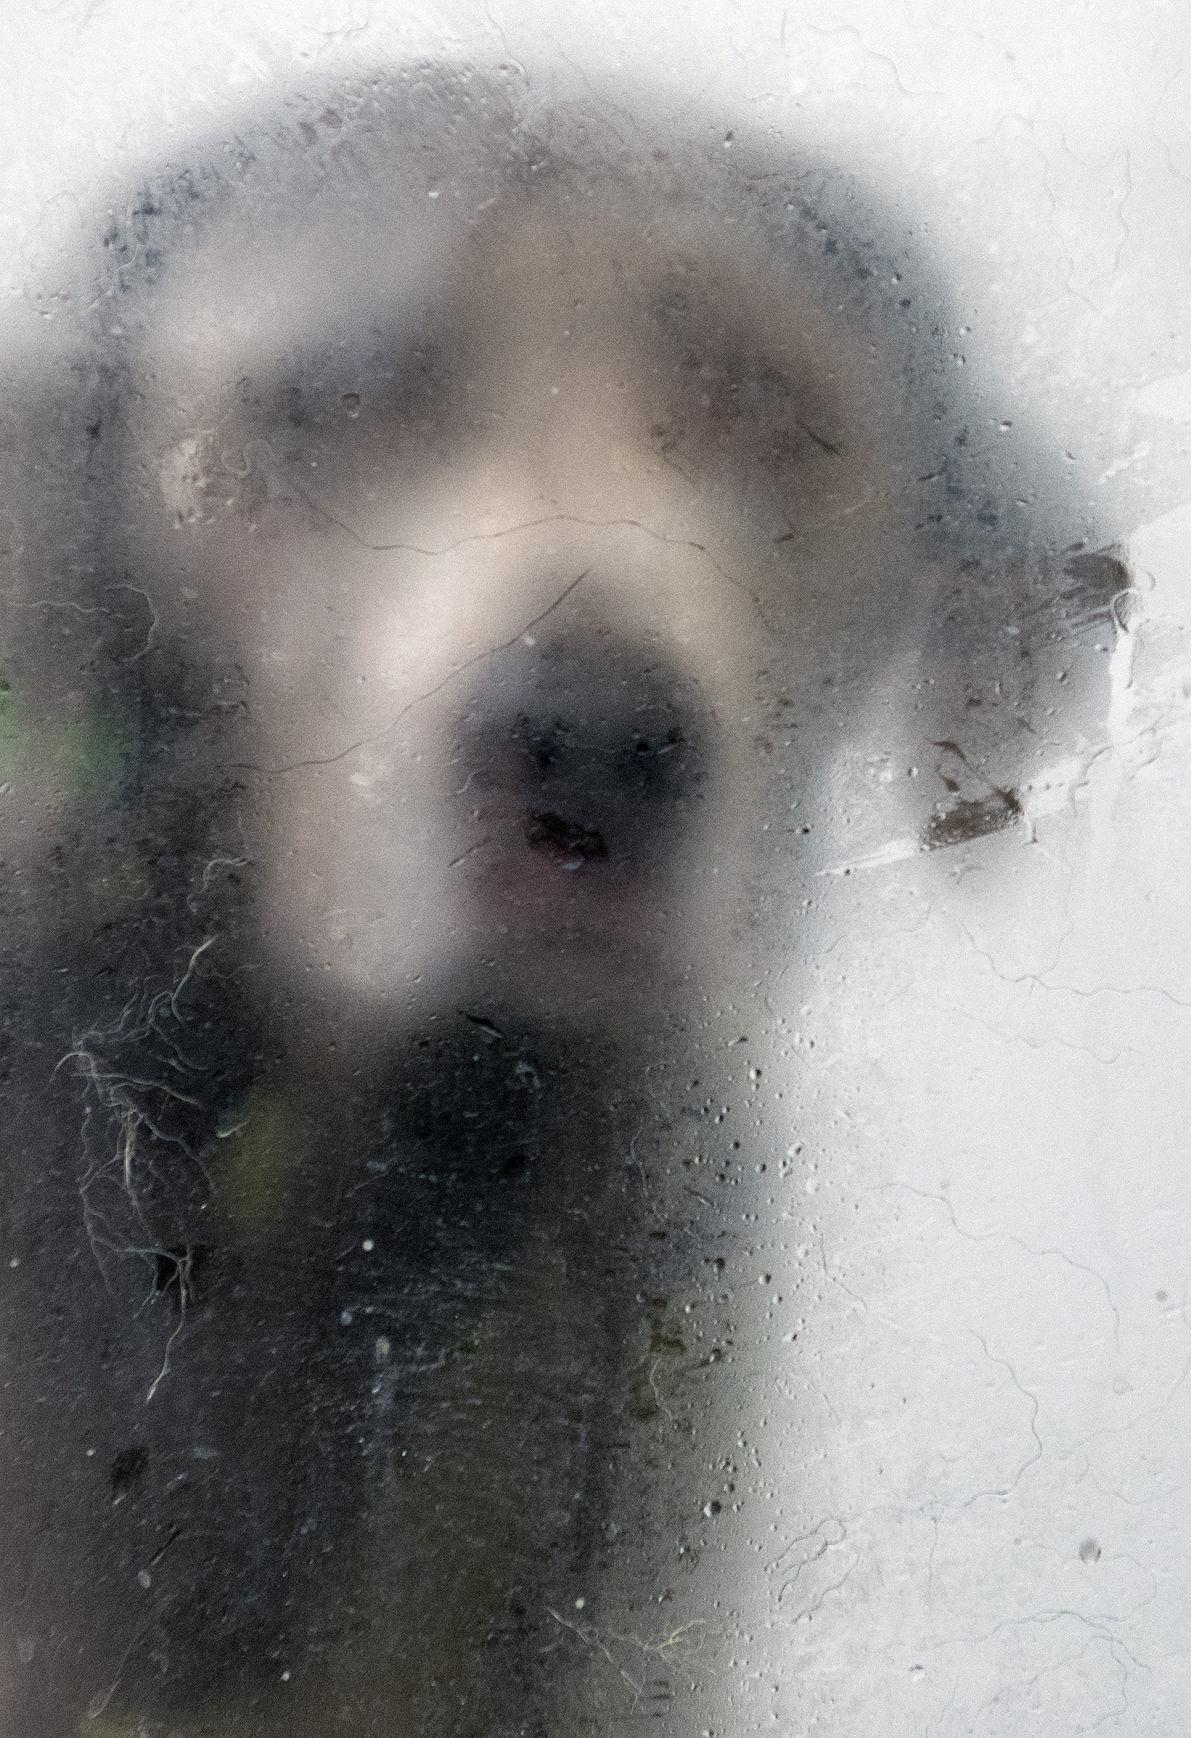 Dog washing, 12.18